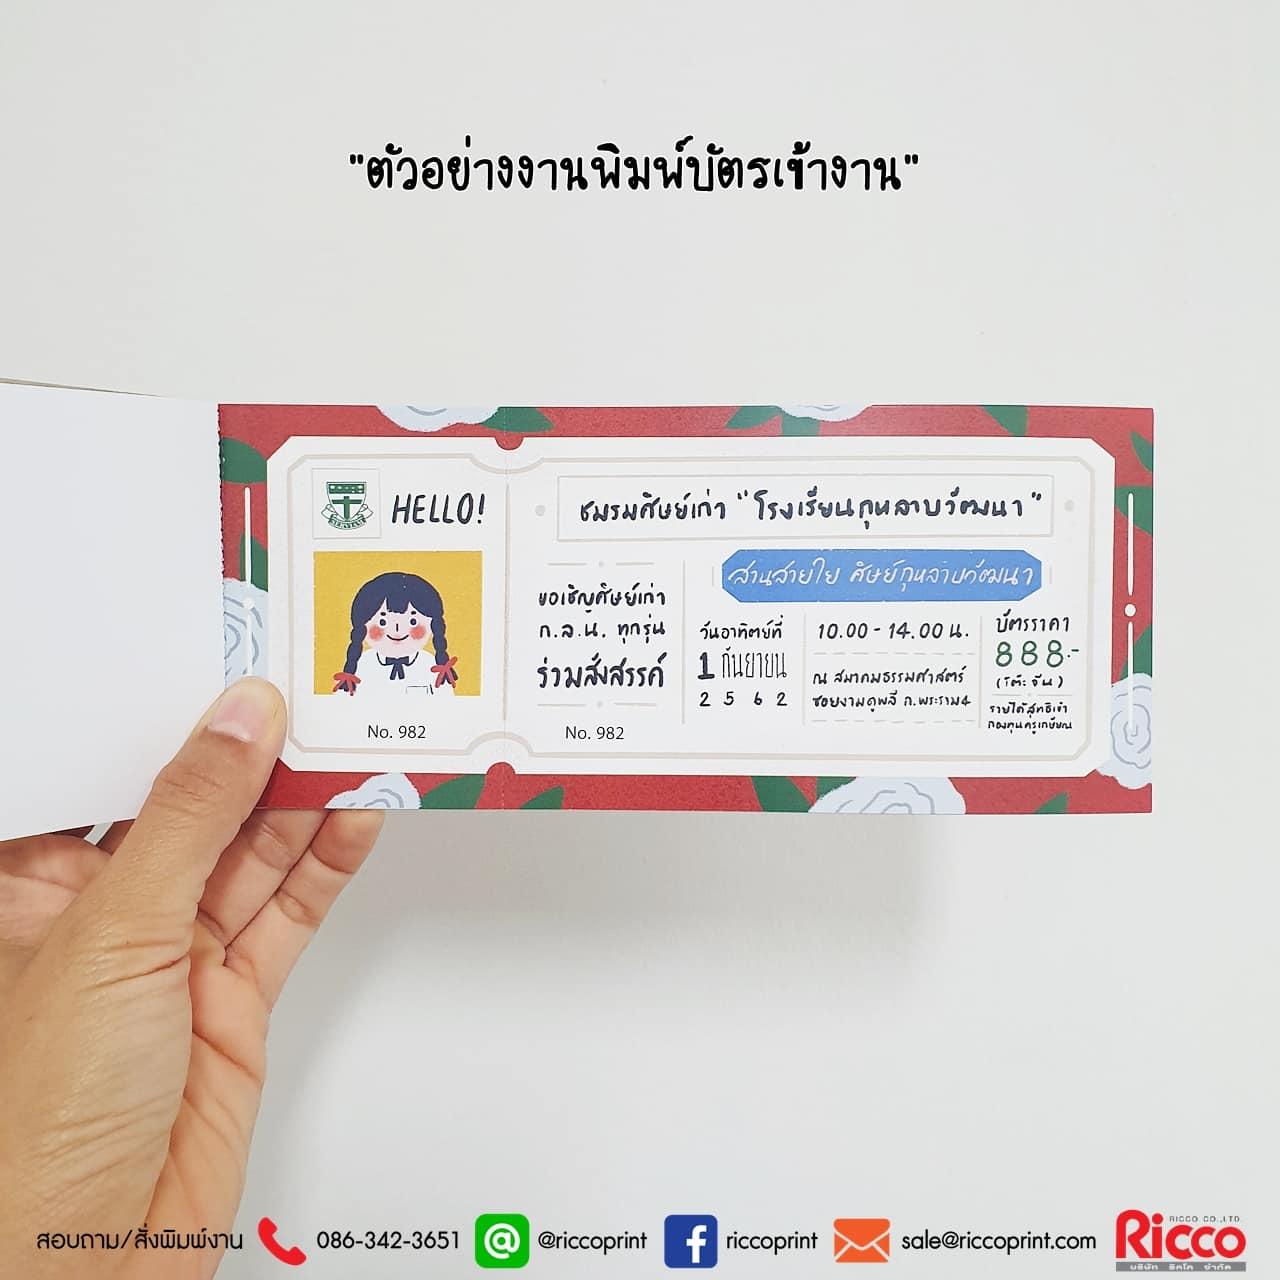 รูป Coupon 22 - ประกอบเนื้อหา คูปอง บัตรกำนัล ตั๋ว